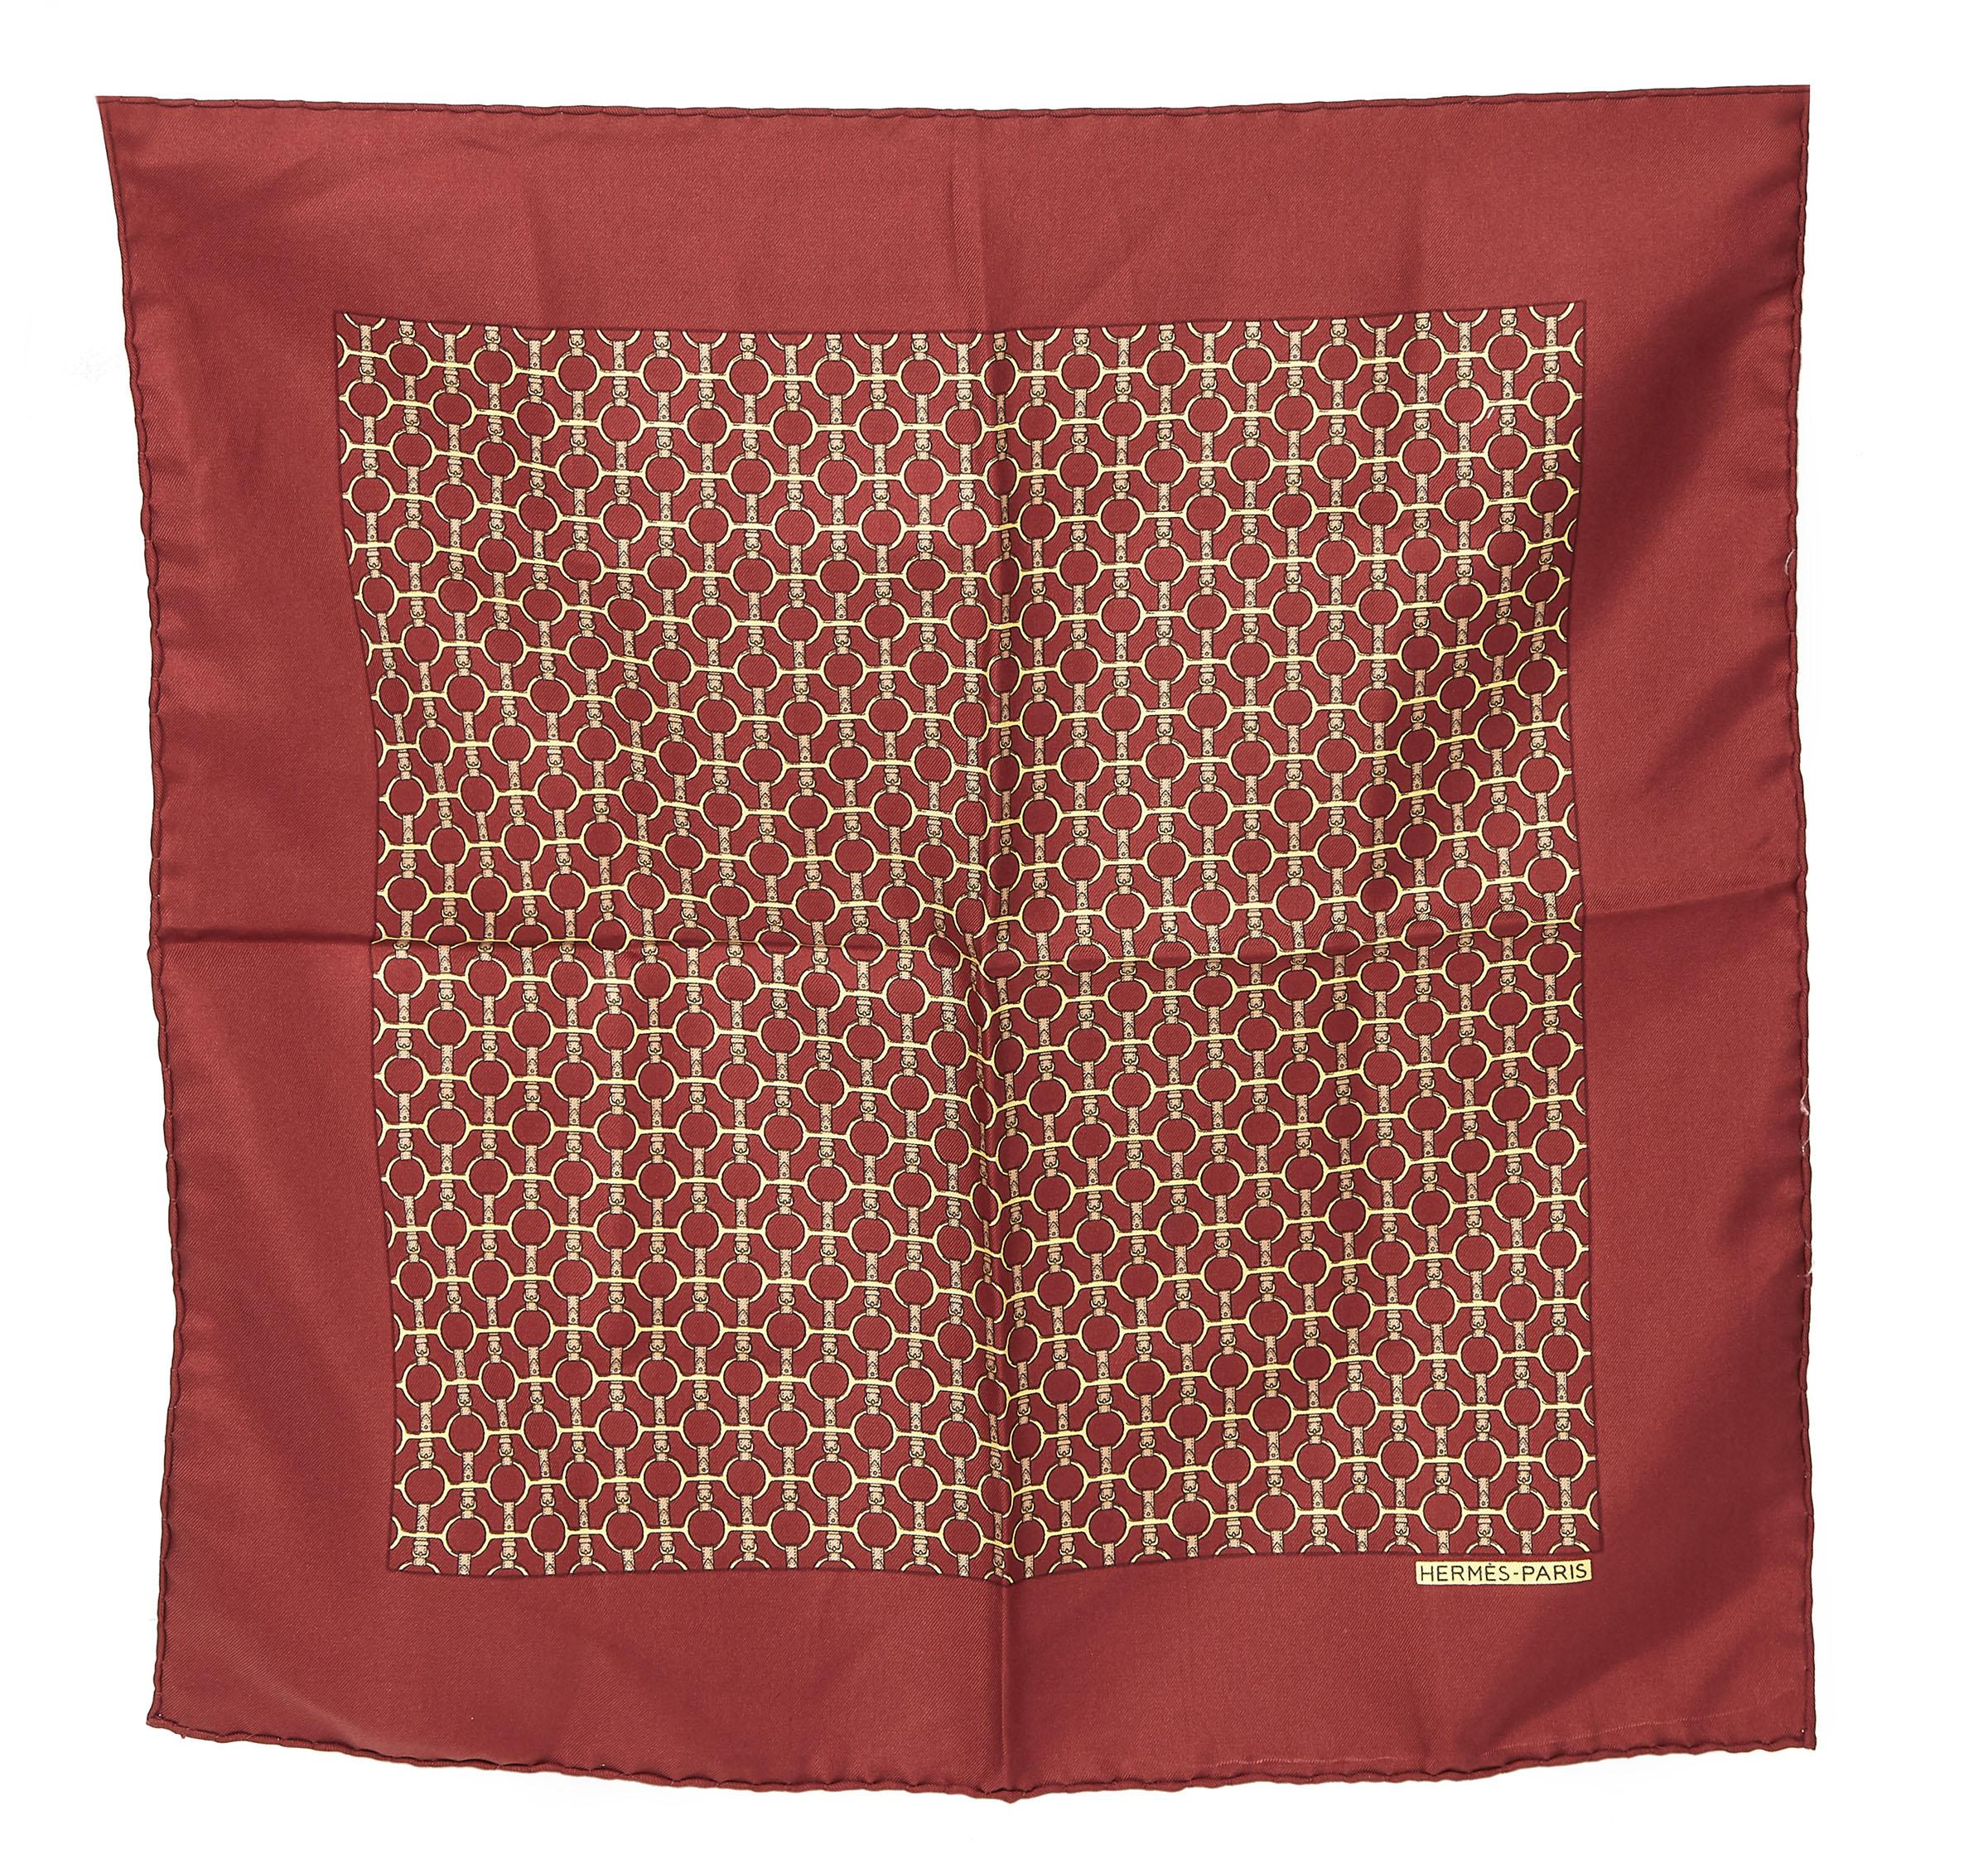 43c575cd675a Catalogue de la vente Bijoux et Montres, Vintage, Art Moderne et ...